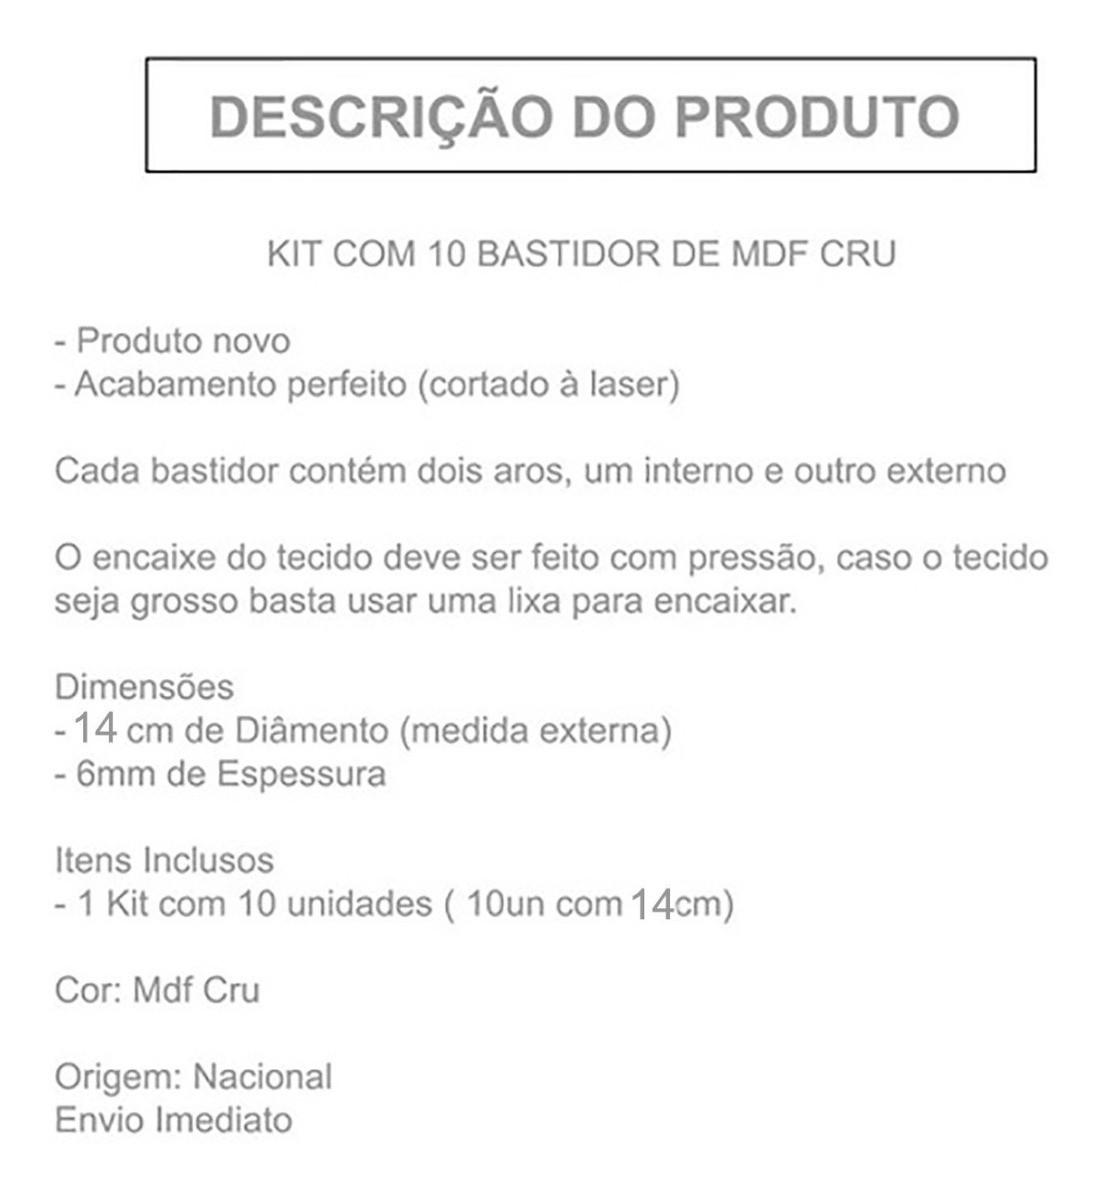 Kit Com 10 Bastidor De Mdf Crú Moldura Bordado Crochê 14 Cm